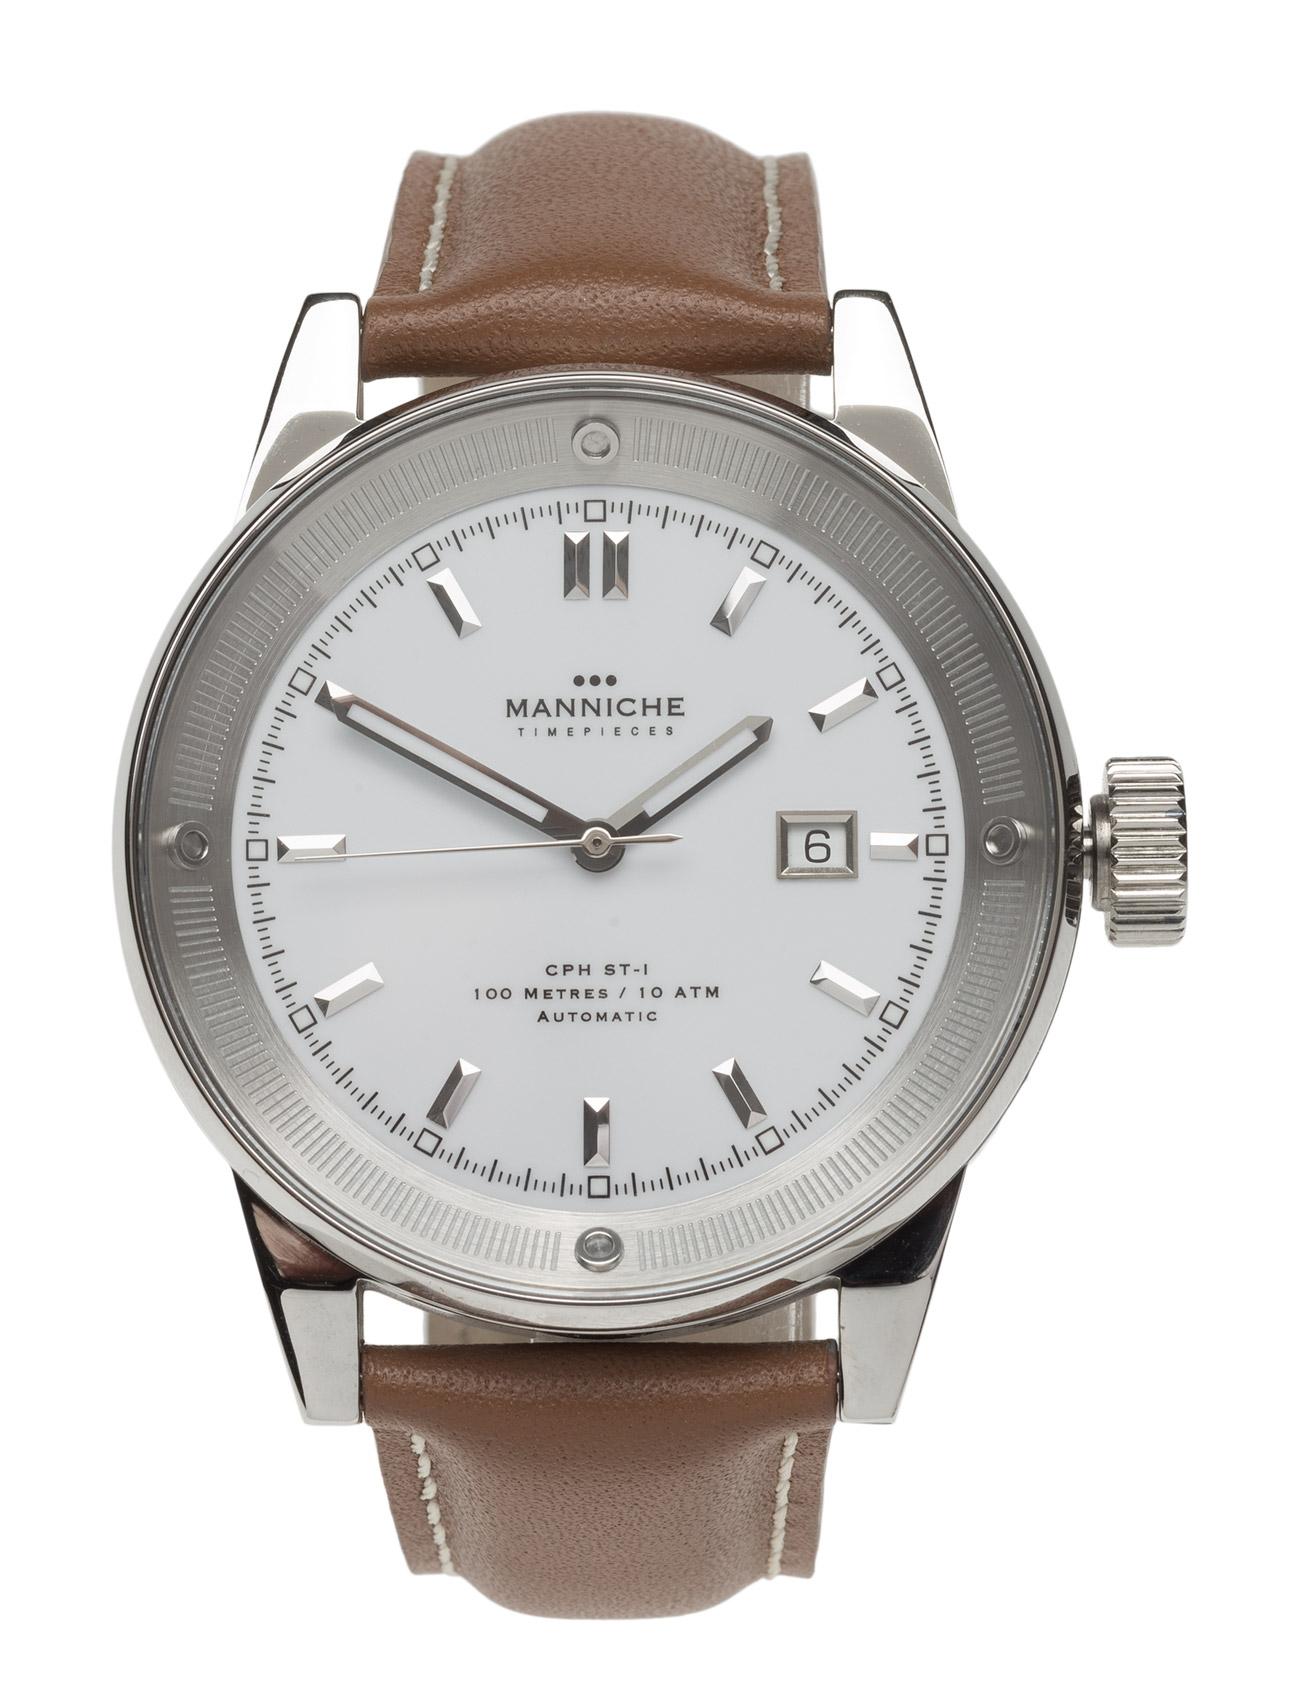 Cph St-1 MANNICHE Timepieces Smykker til Mænd i